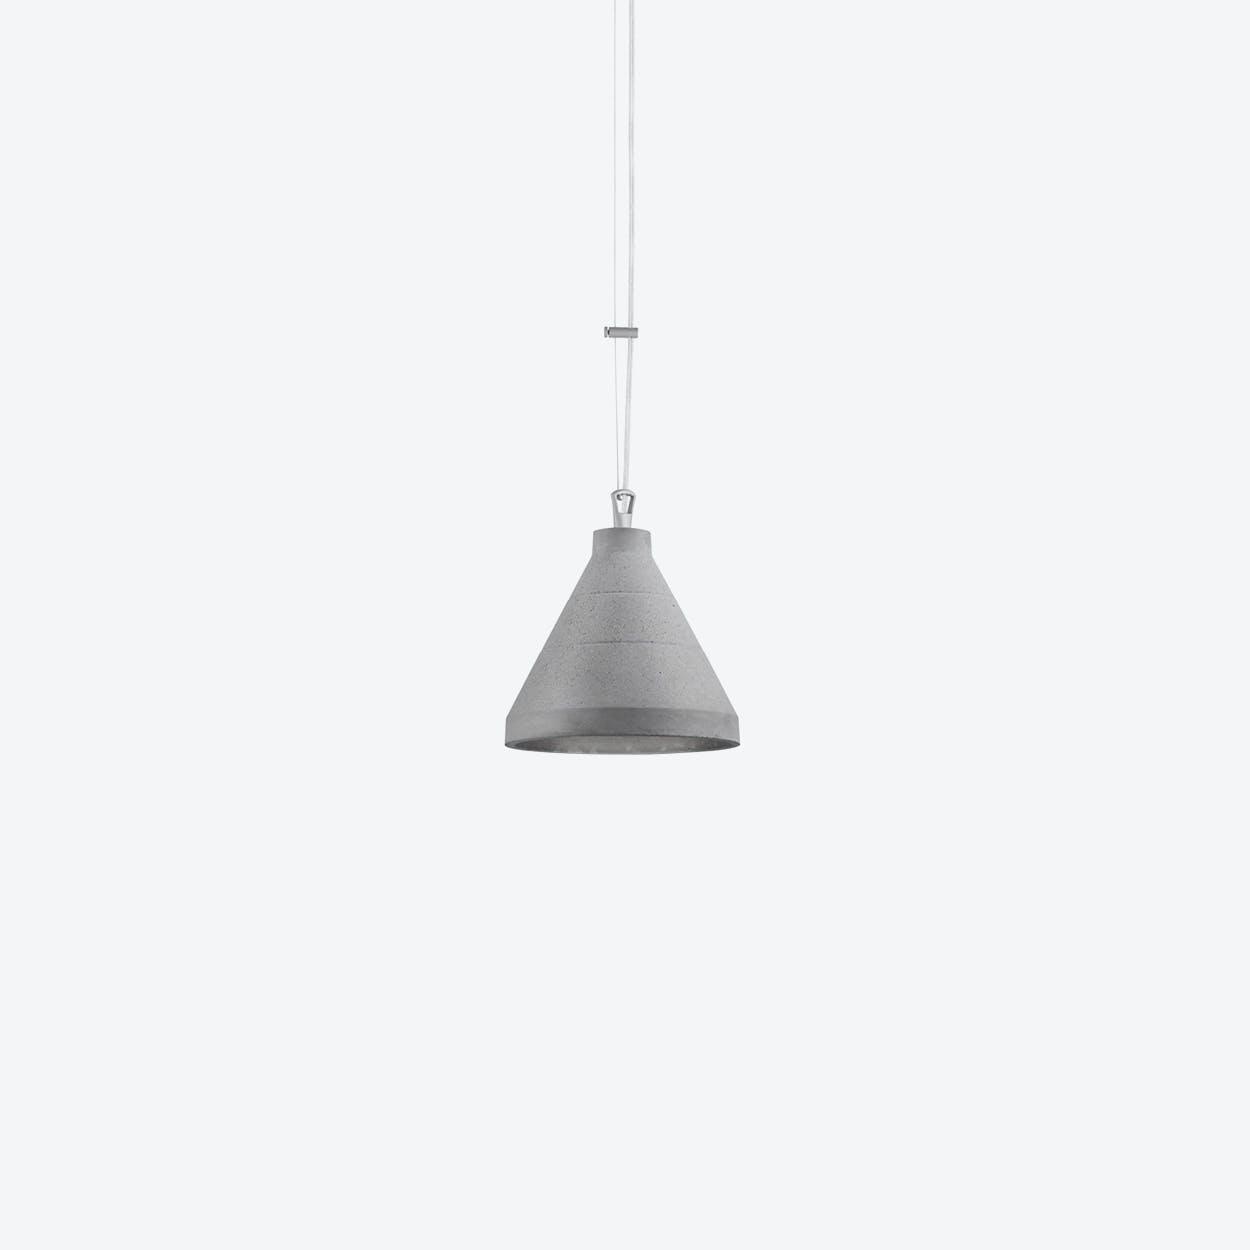 Craft Pendant Lamp in Natural